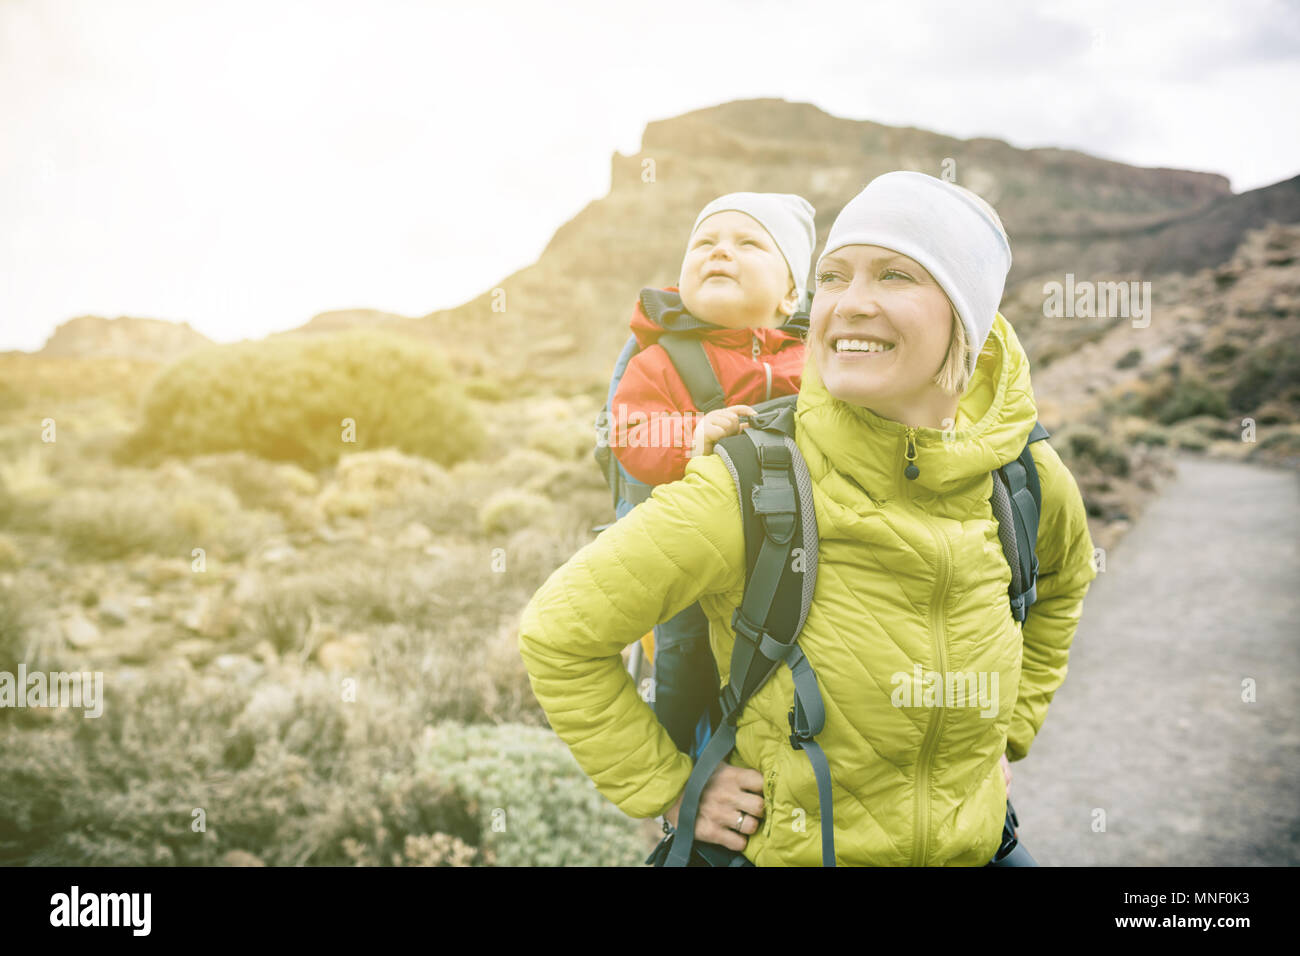 Super mom con baby boy viajando en mochila. Madre de trekking aventura con niños, viaje en familia en las montañas. Viaje de vacaciones con bebé llevado Foto de stock